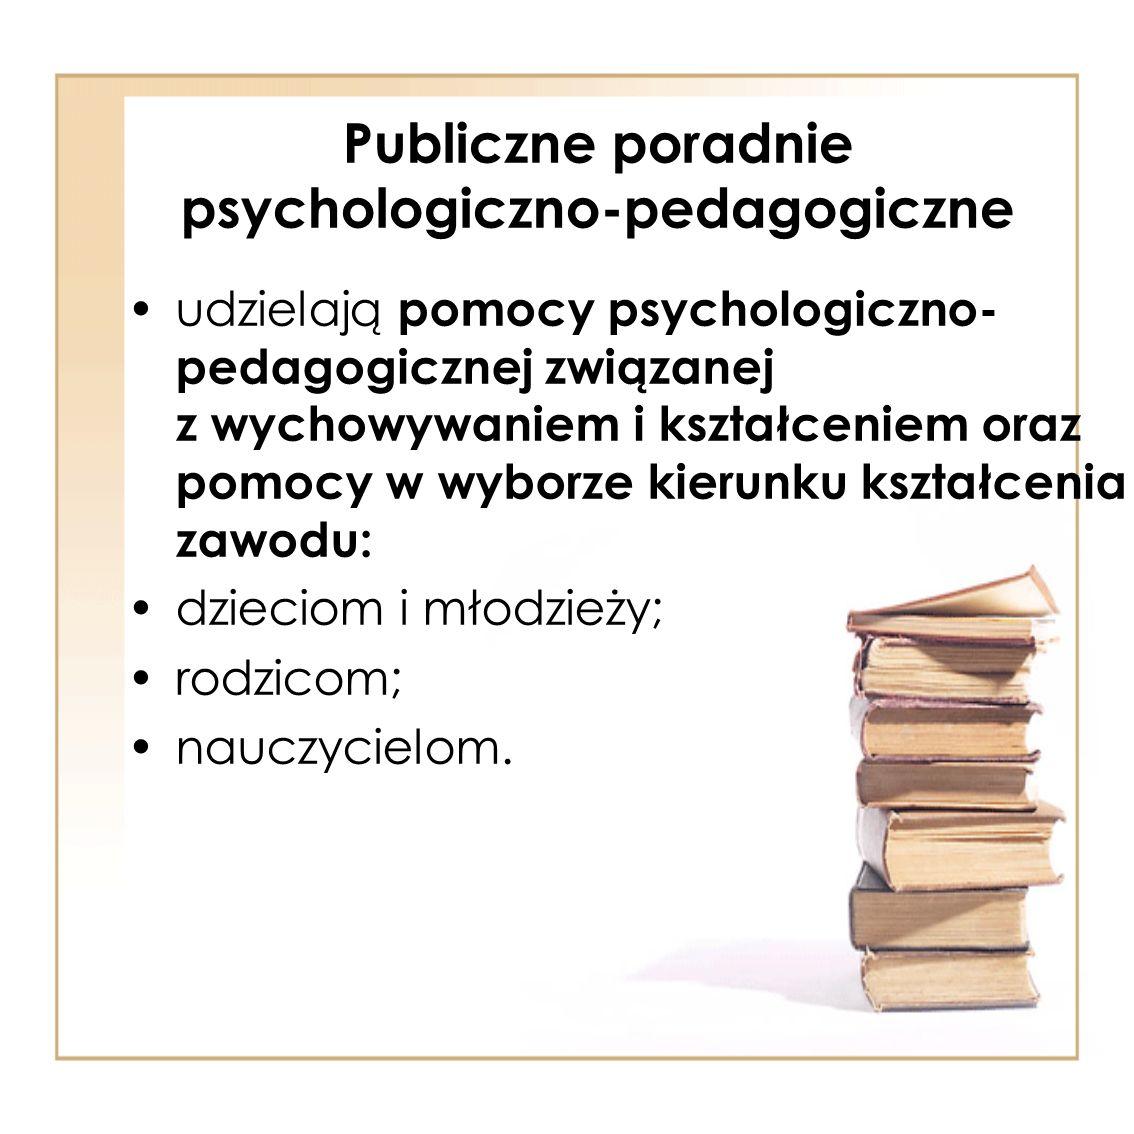 Publiczne poradnie psychologiczno-pedagogiczne